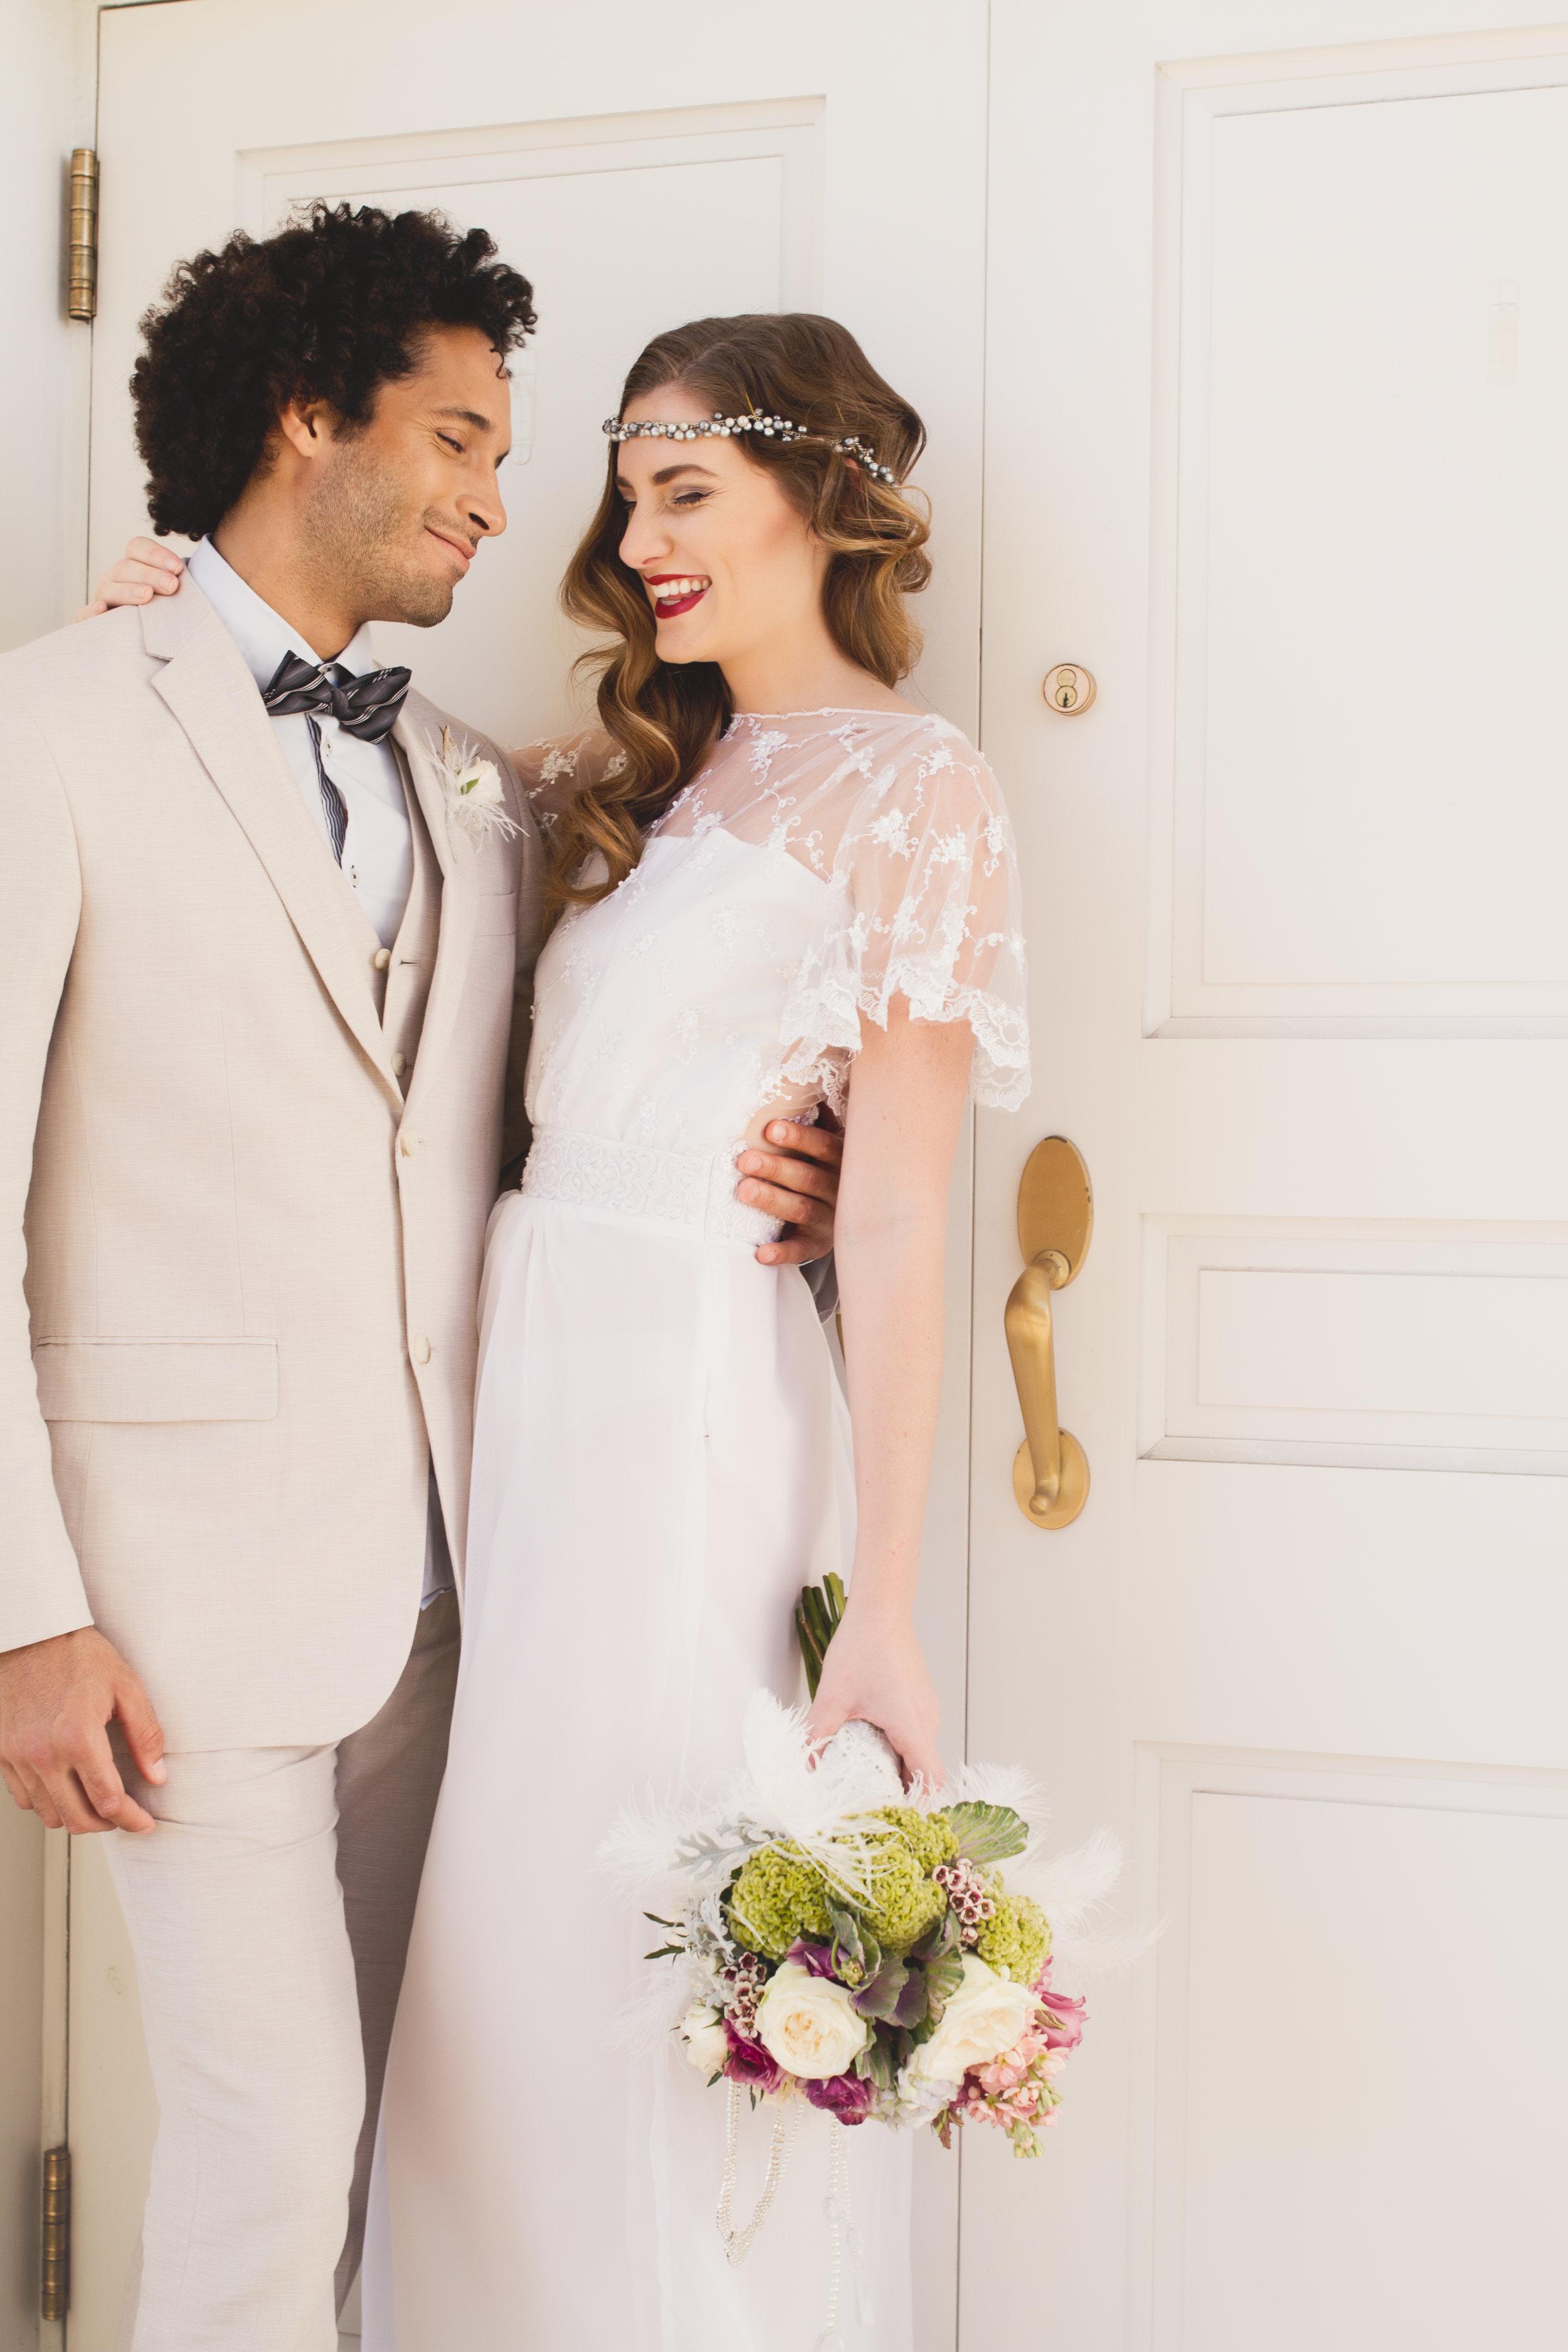 fashion_wedding_vaniaelisephotography--74.jpg